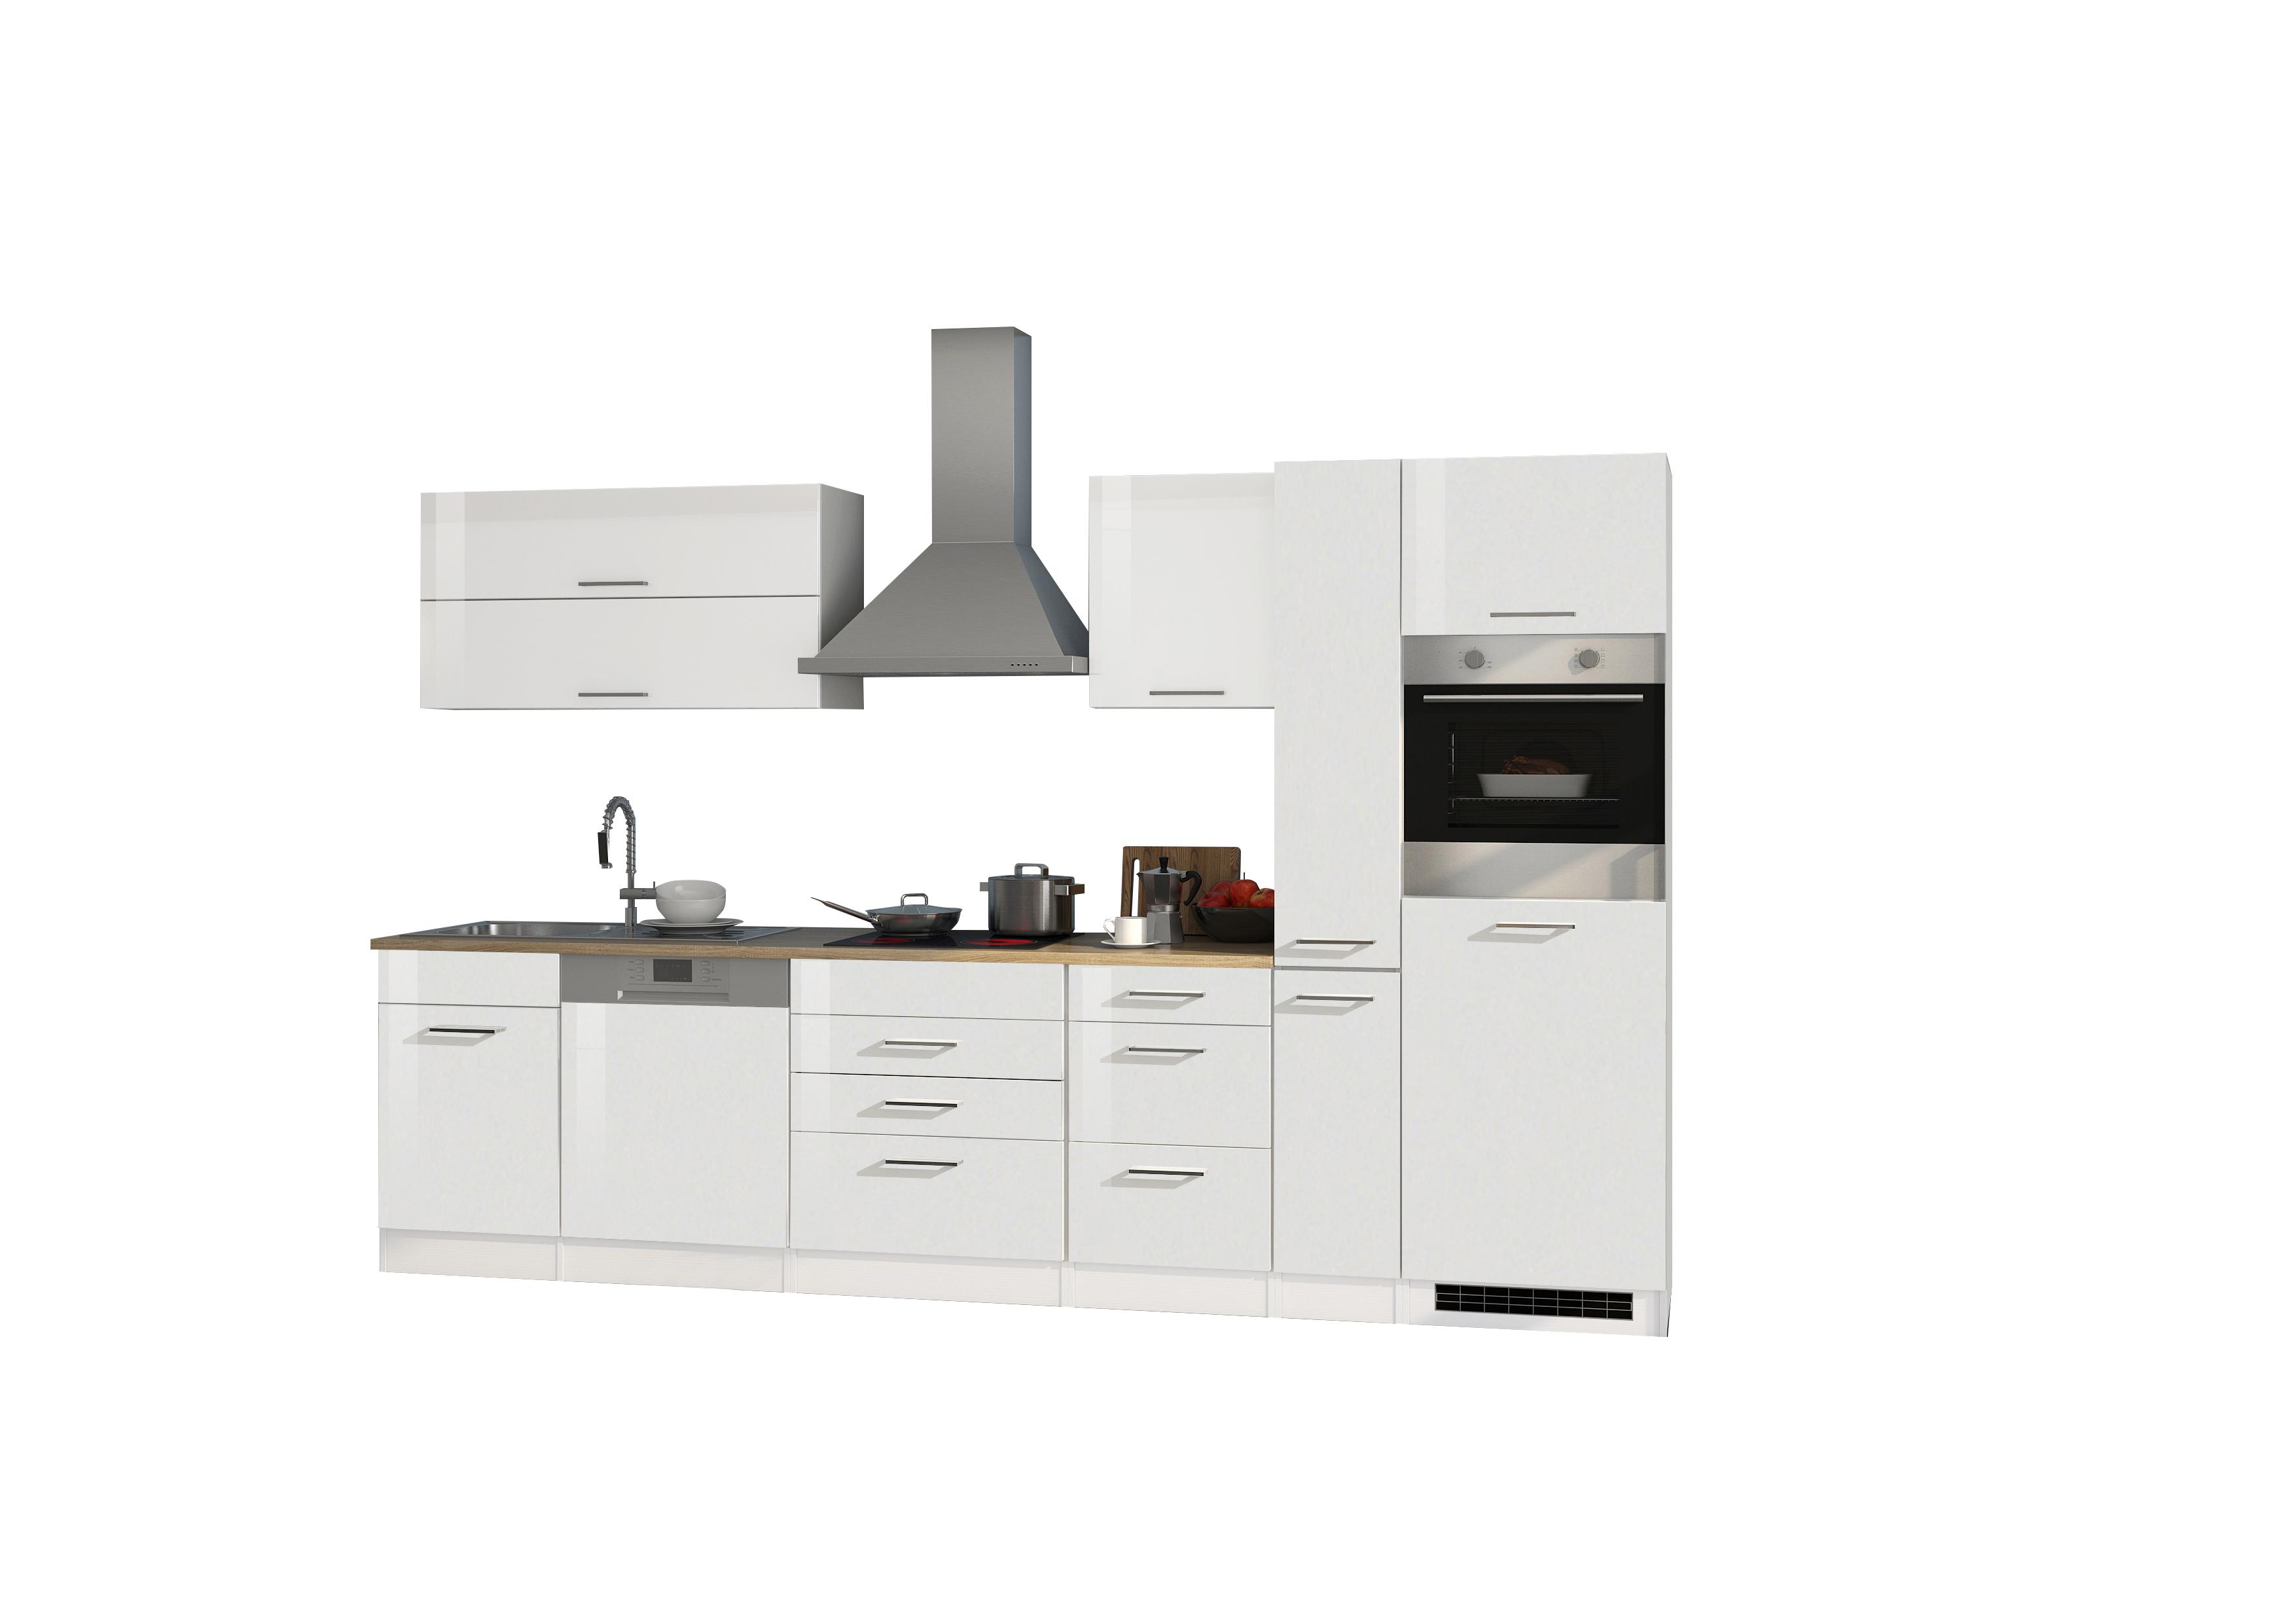 Kühlschrank Pkm : Küchenblock 330 inkl e geräte von pkm geschirrspüler induktion